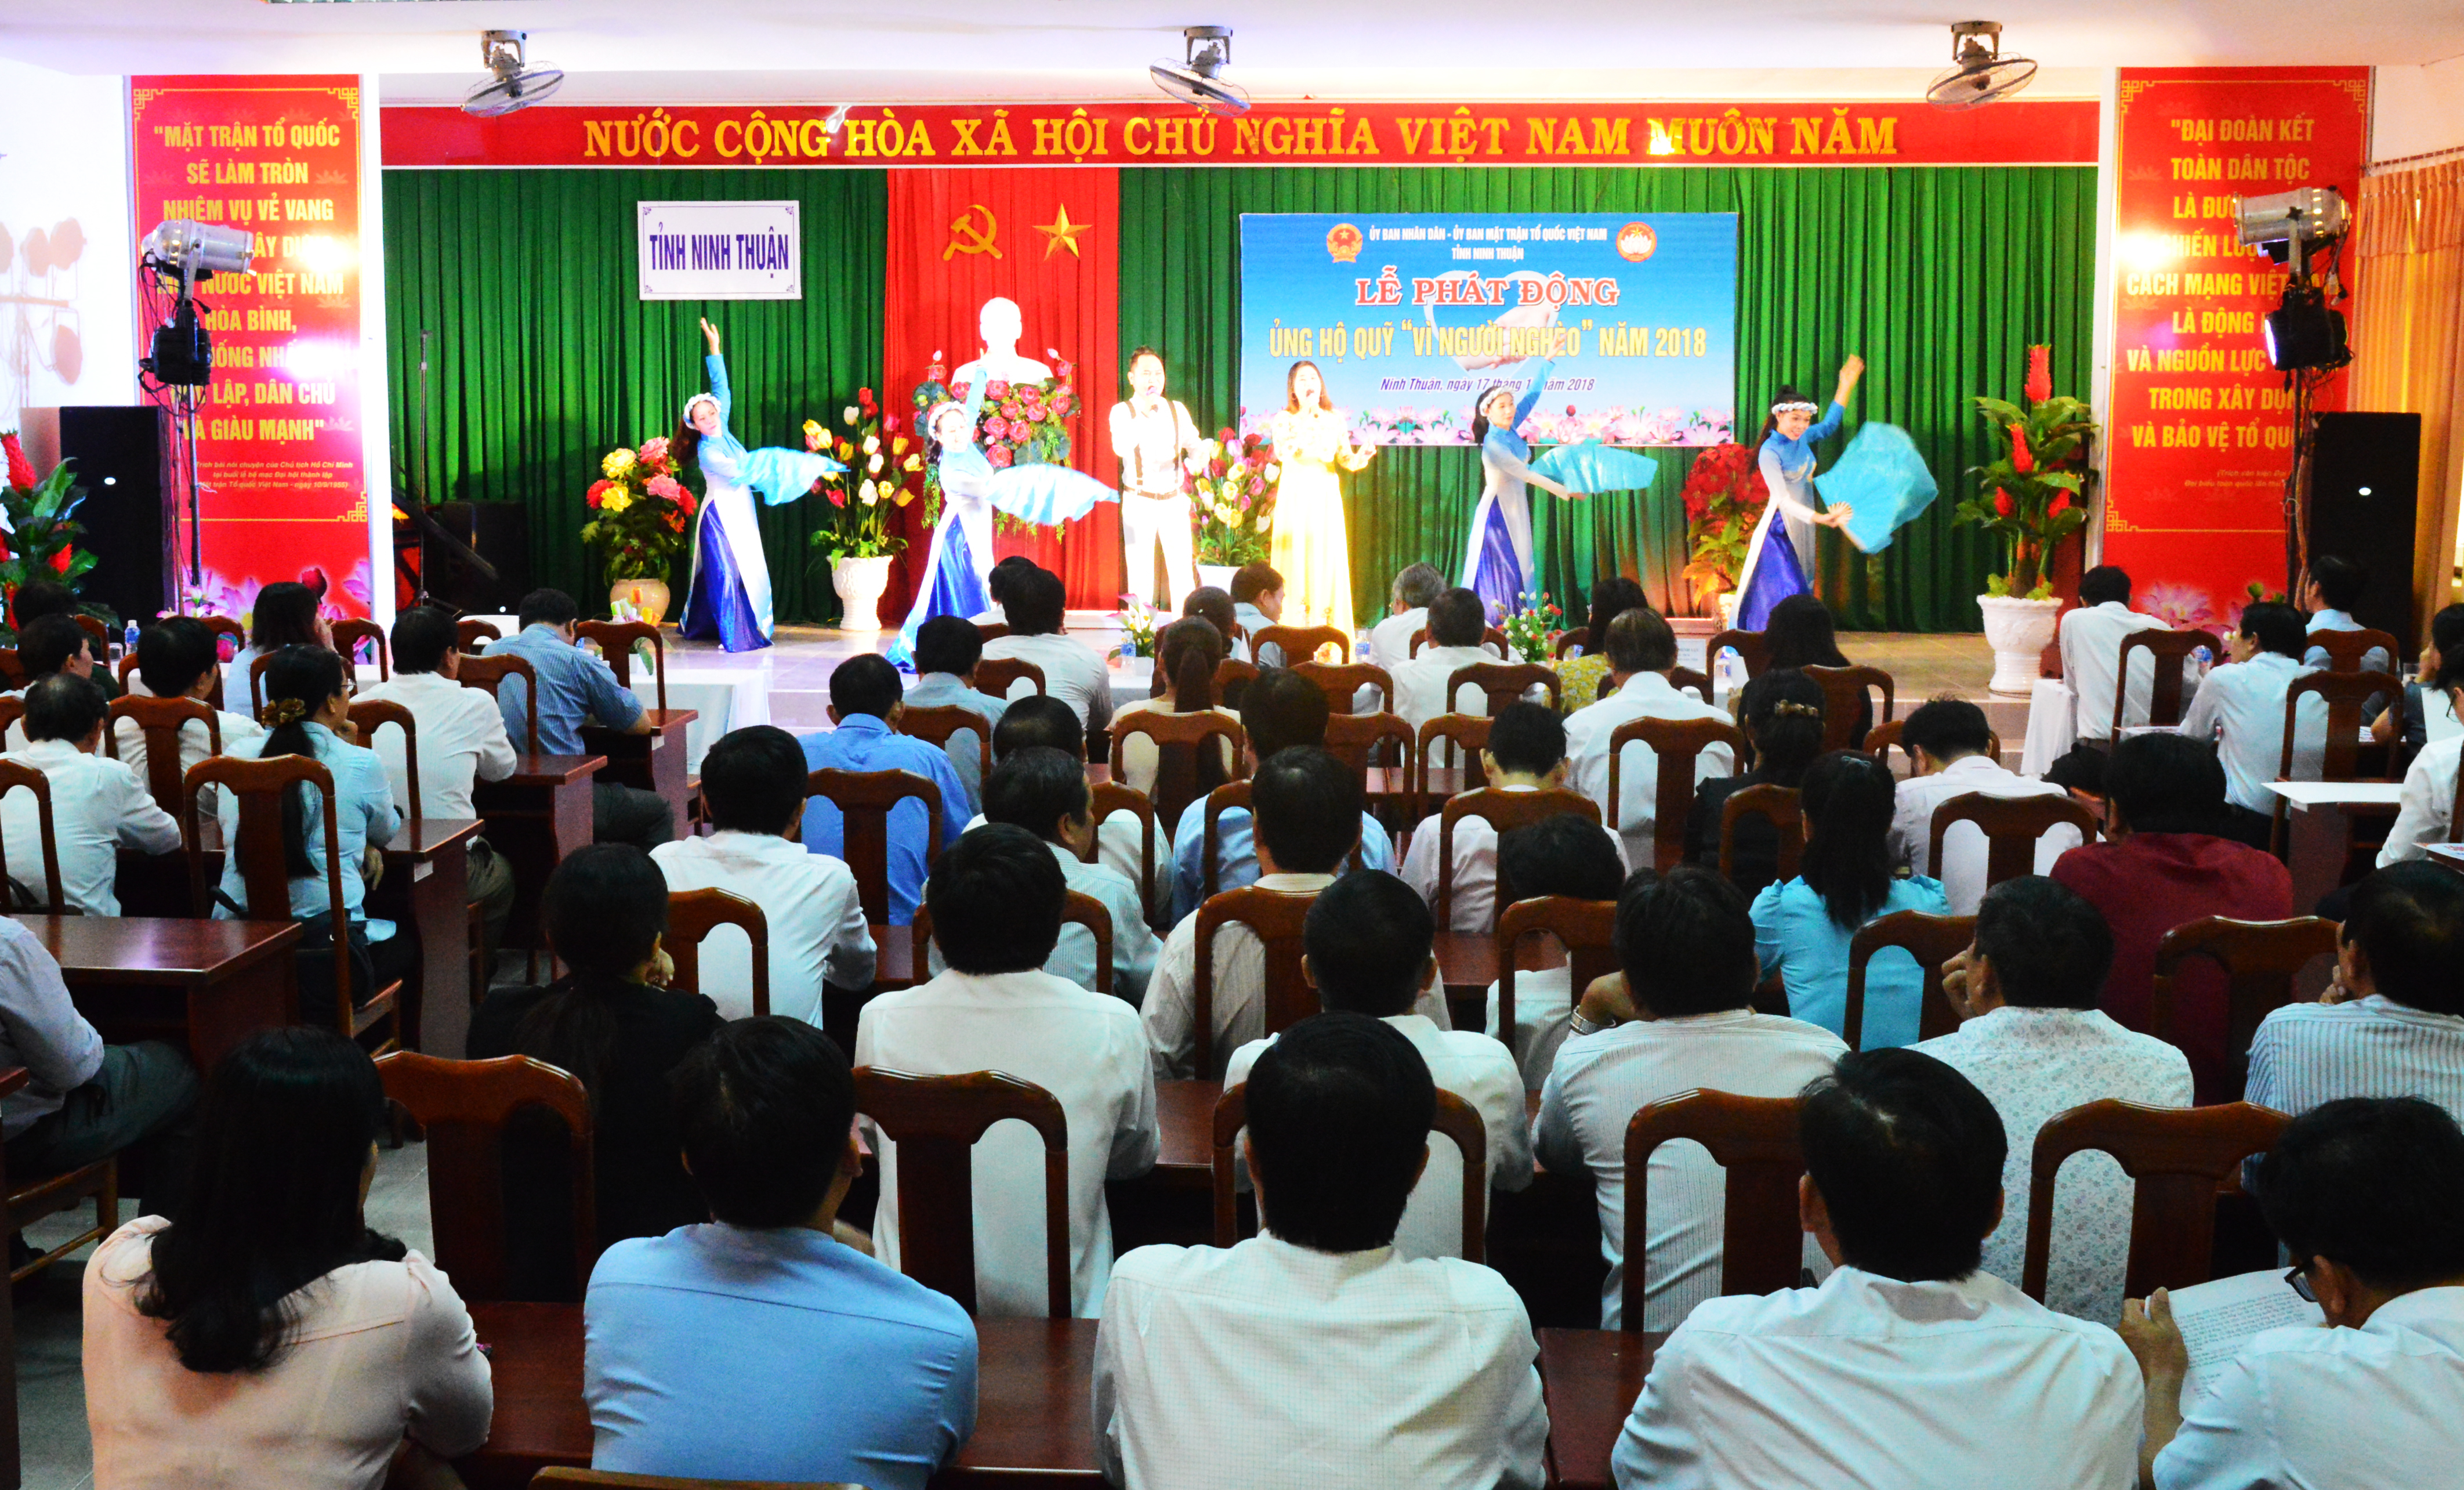 Chung tay ủng hộ quỹ vì người nghèo Ninh Thuận 2018